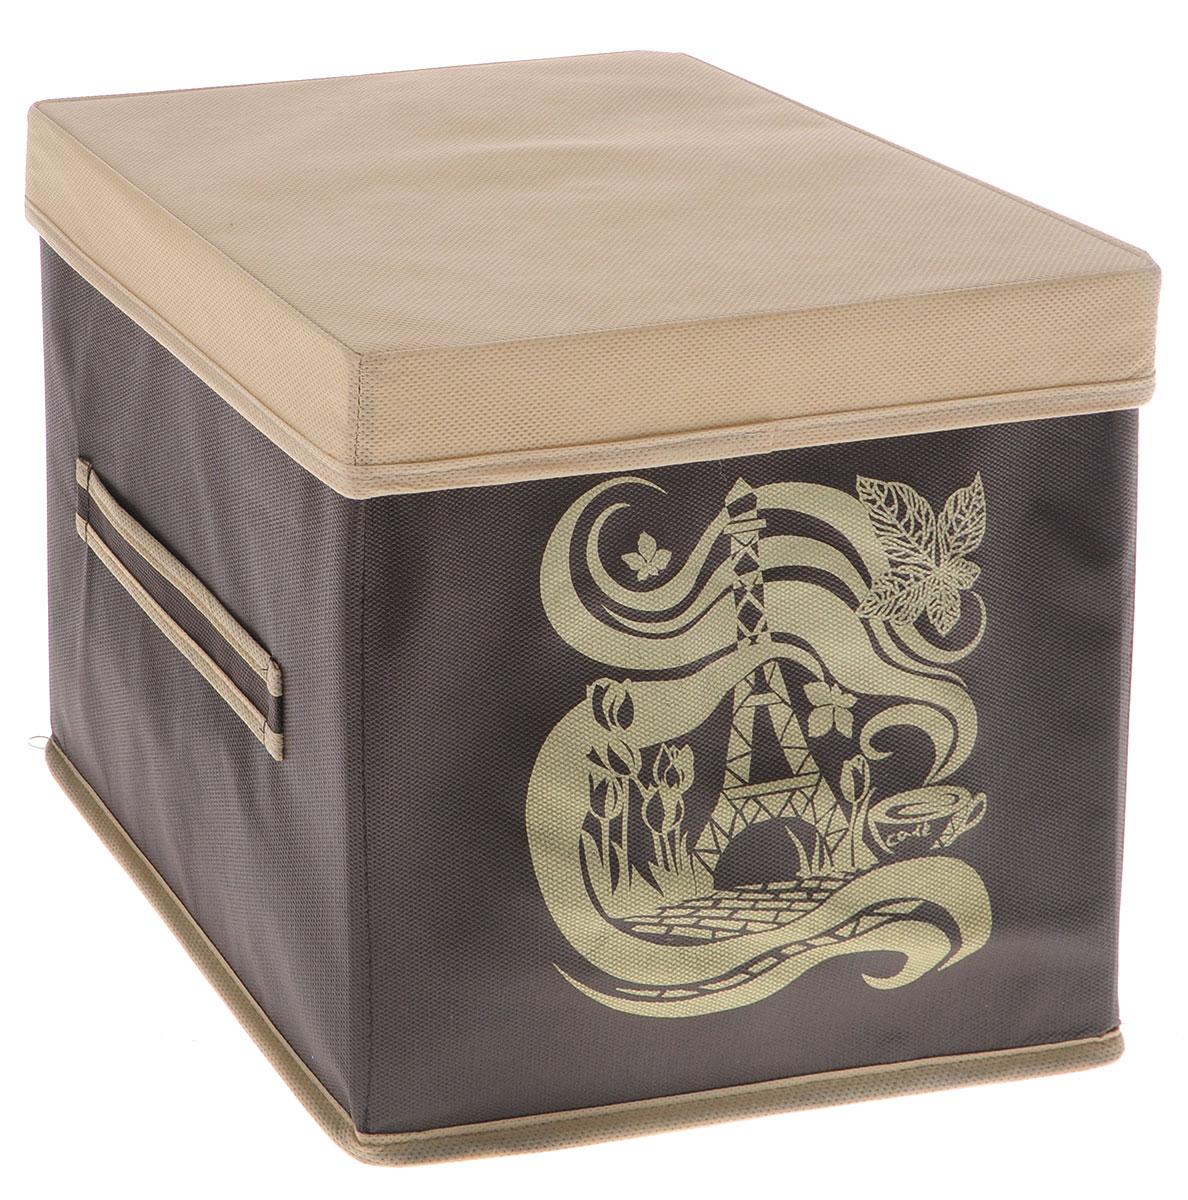 Коробка для вещей Все на местах Париж, с крышкой, цвет: темно-коричневый, бежевый, 25 х 25 х 25 см1002054Коробка с крышкой Все на местах выполнена из высококачественного нетканого материала, который обеспечивает естественную вентиляцию и предназначен для хранения вещей или игрушек. Он защитит вещи от повреждений, пыли, влаги и загрязнений во время хранения и транспортировки. Размер коробки: 25 х 25 х 25 см.